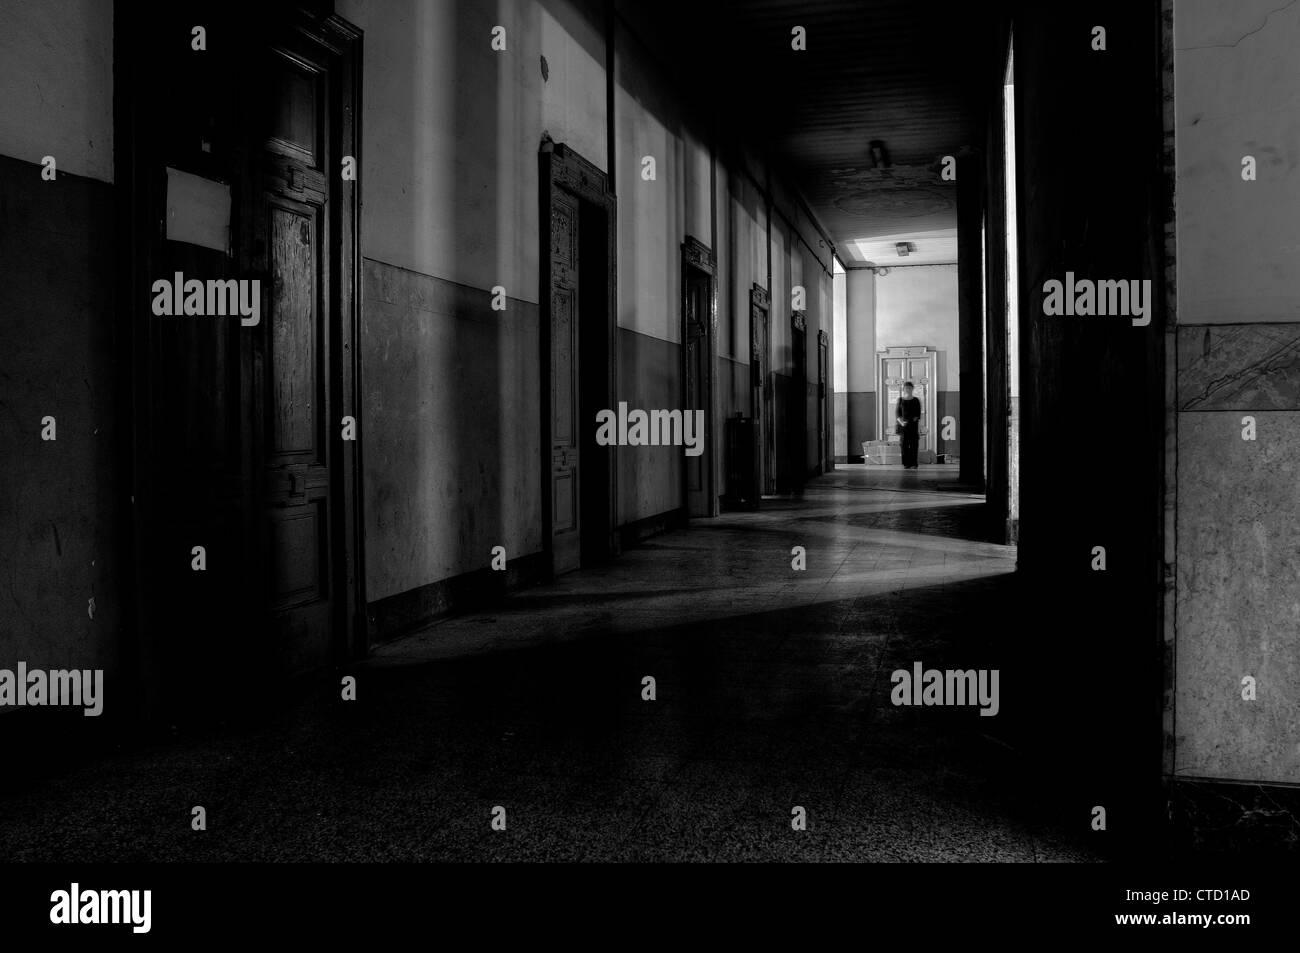 Corridoio scuro Immagini Stock